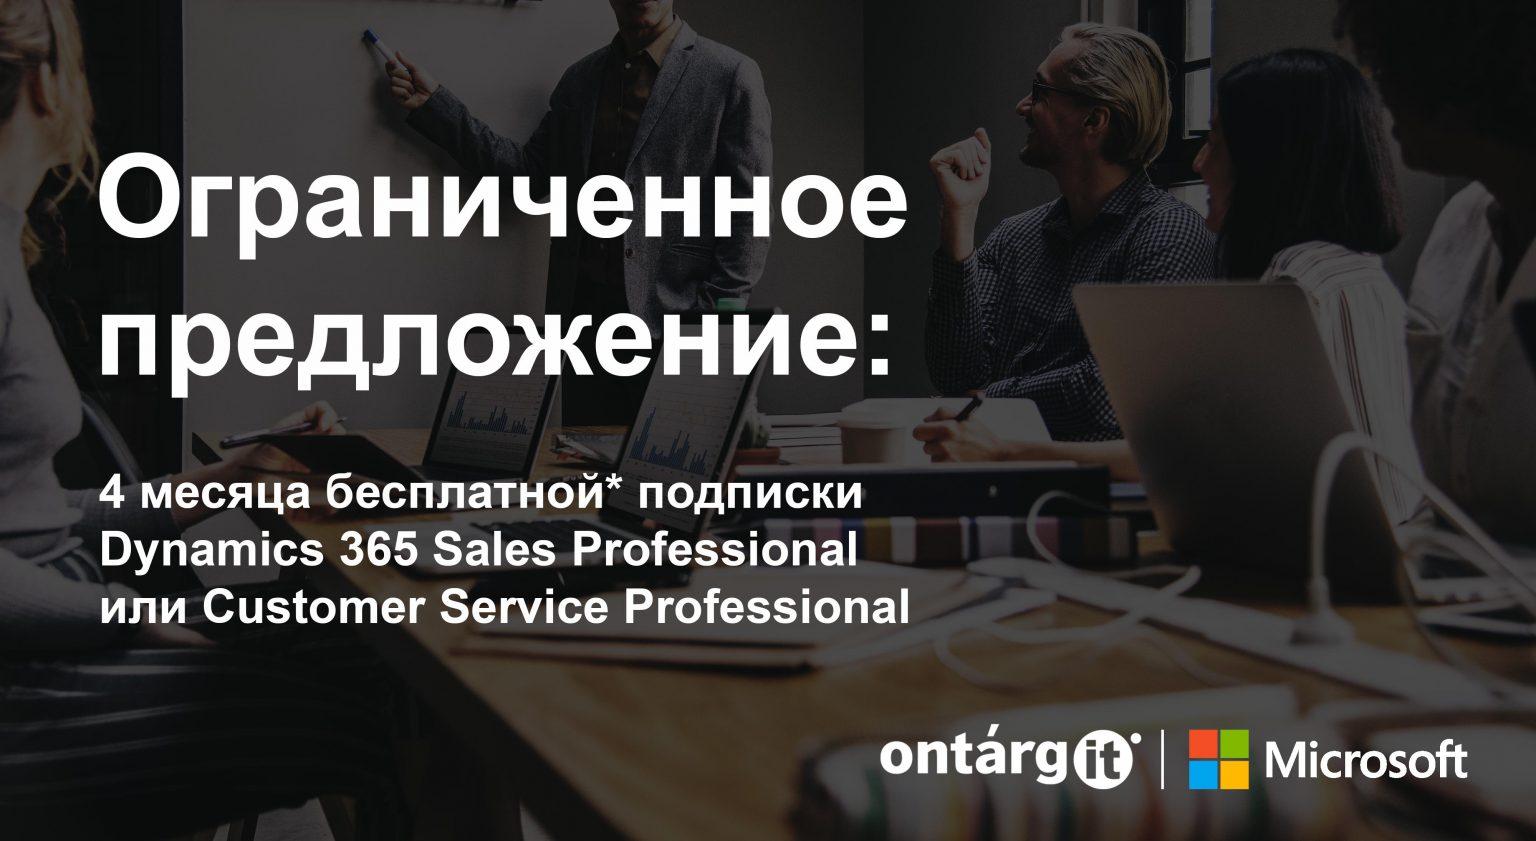 Развивайте свой бизнес вместе с OntargIT и Microsoft.